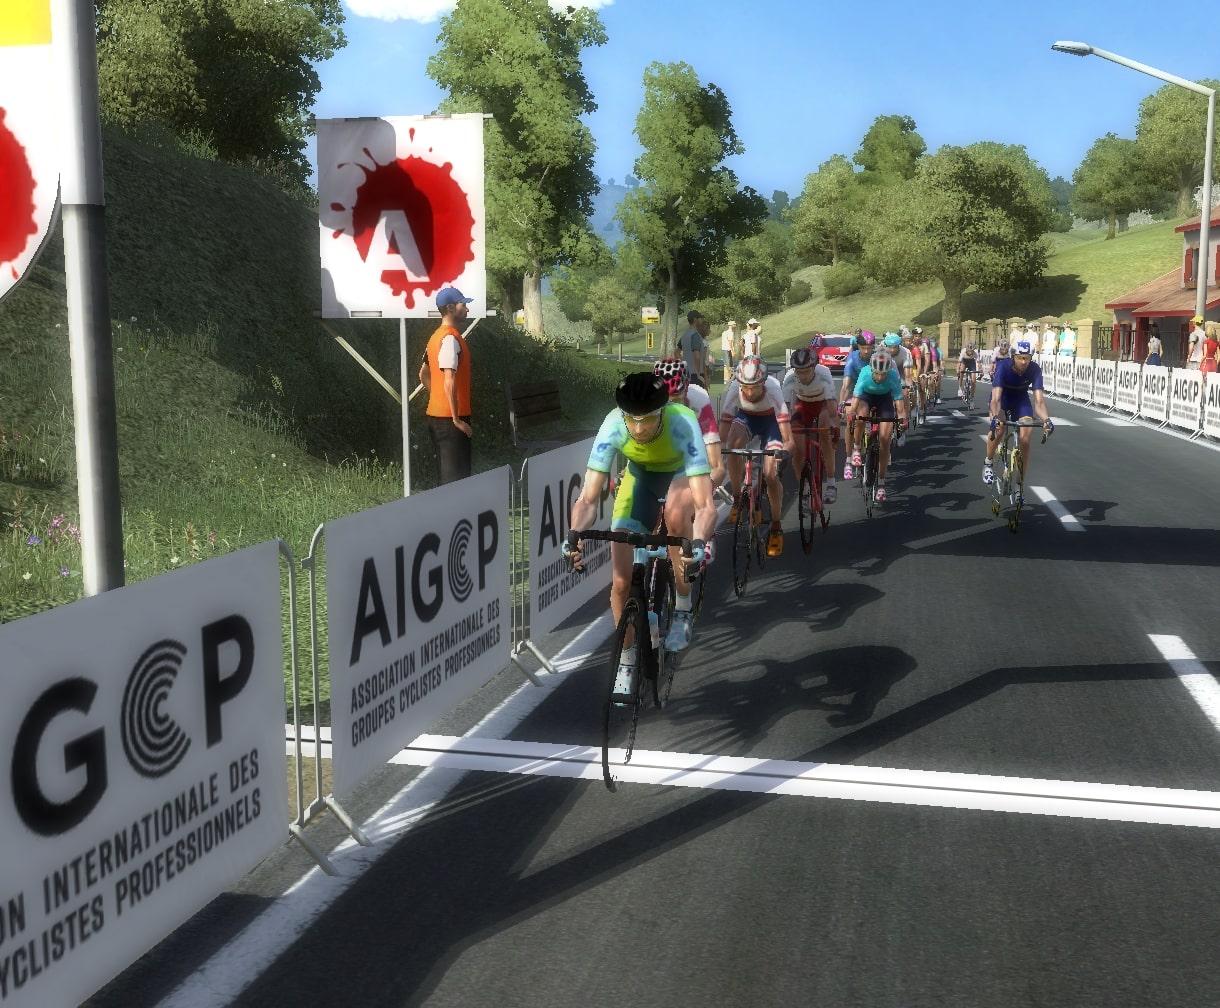 pcmdaily.com/images/mg/2020/Reports/GTM/VueltaEsp/week2/fotos/15vu04.jpg